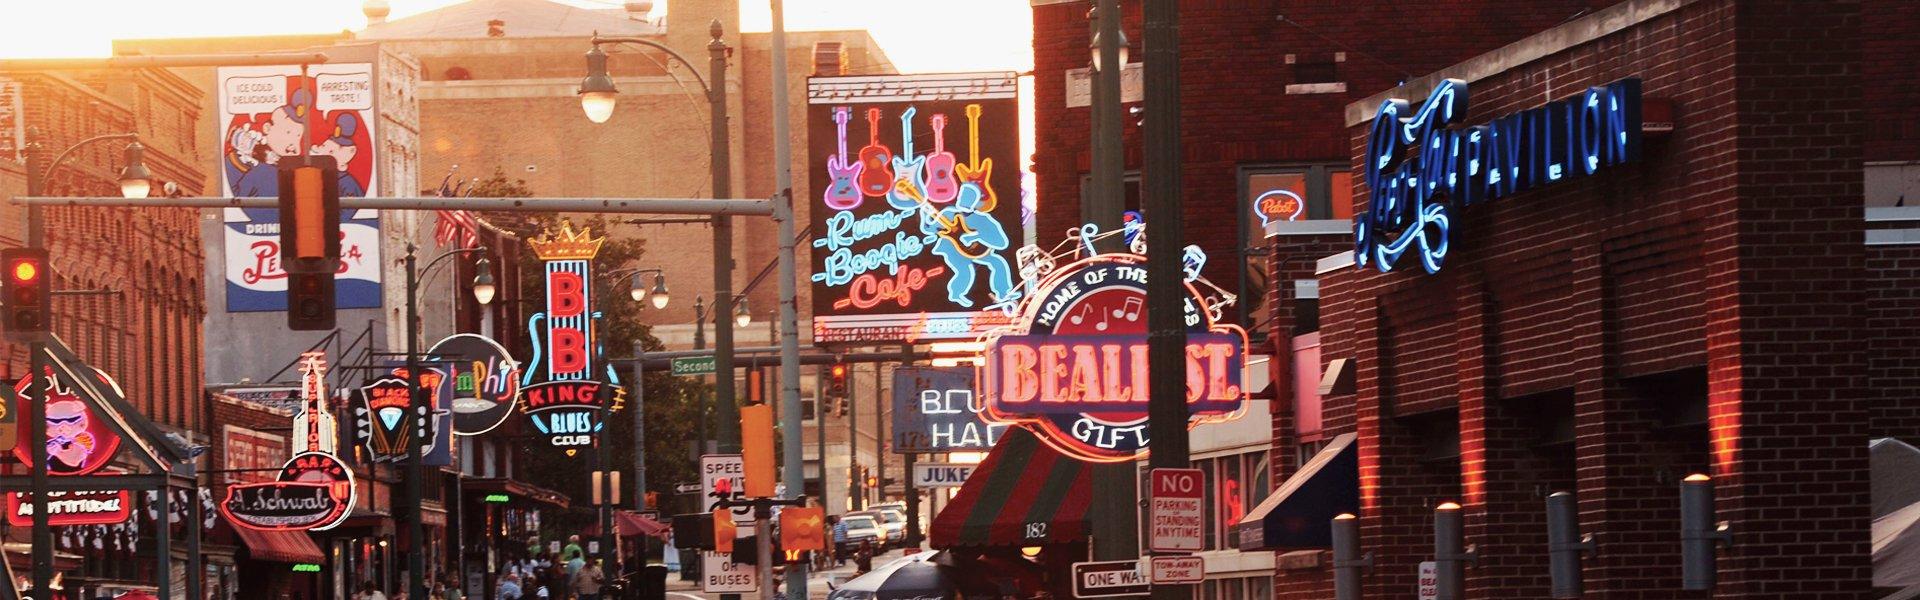 Baele street in Memphis, Amerika